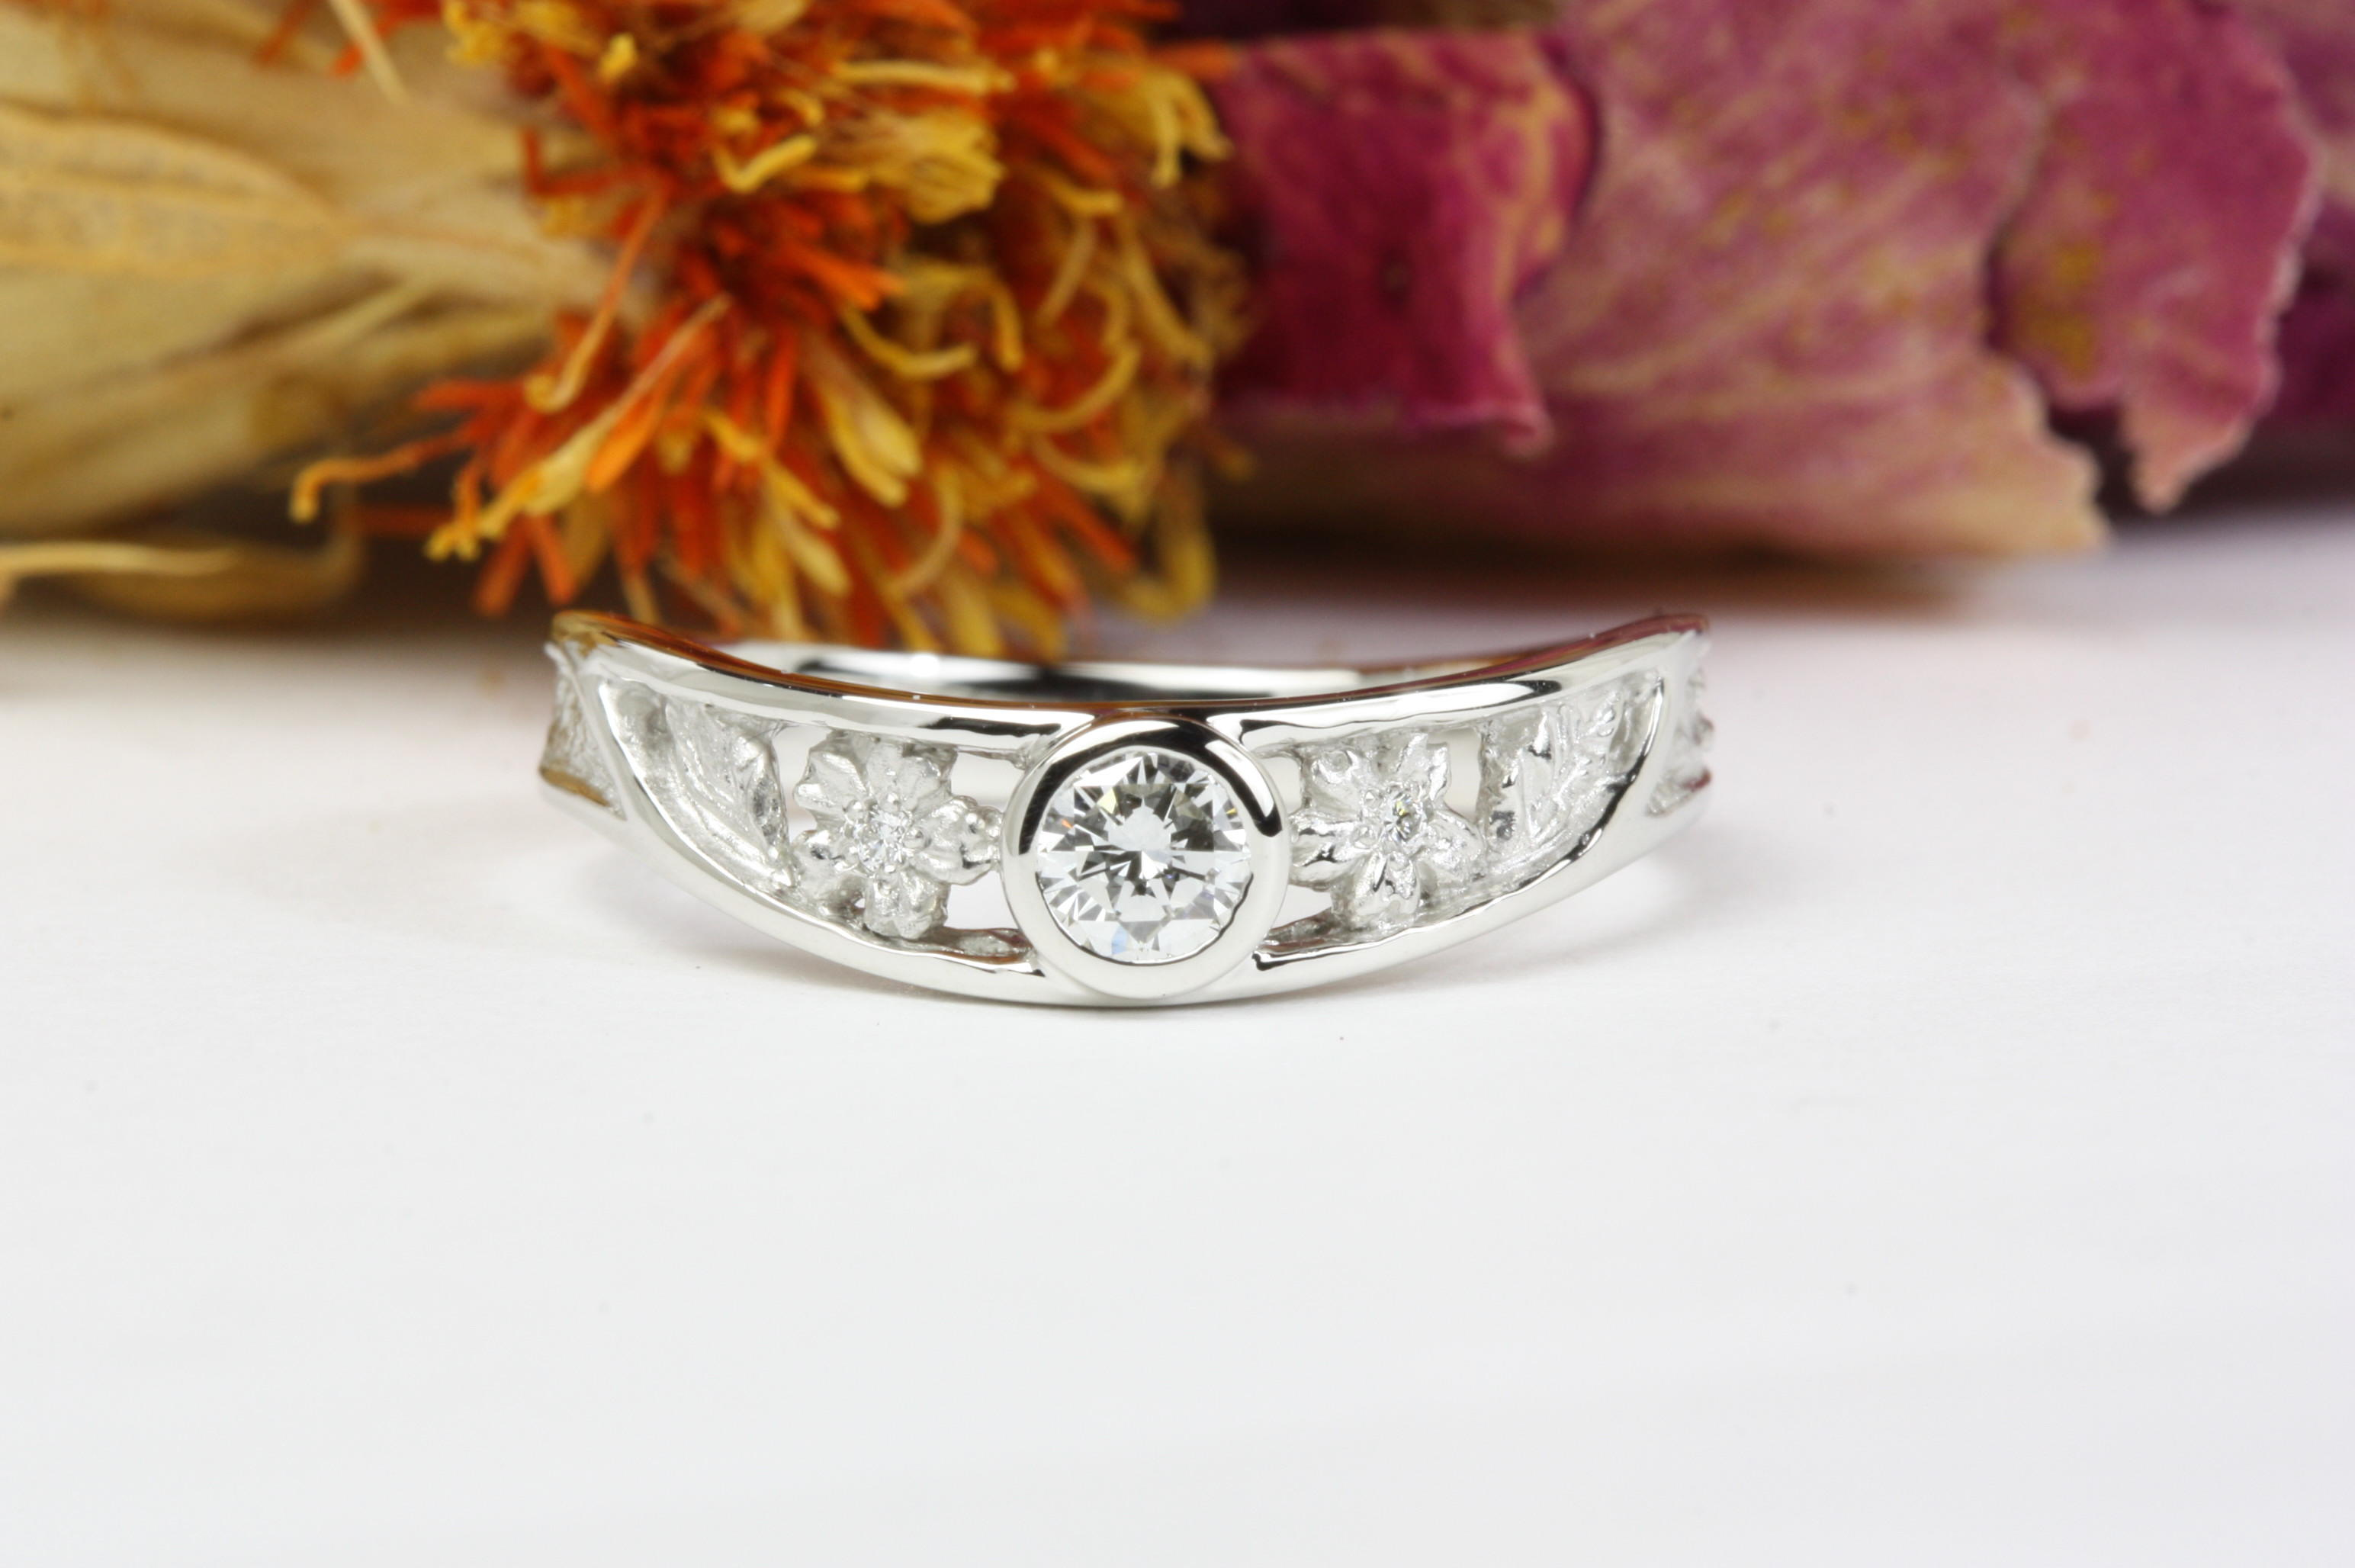 「桜の透かし彫」の婚約のダイヤモンドリング